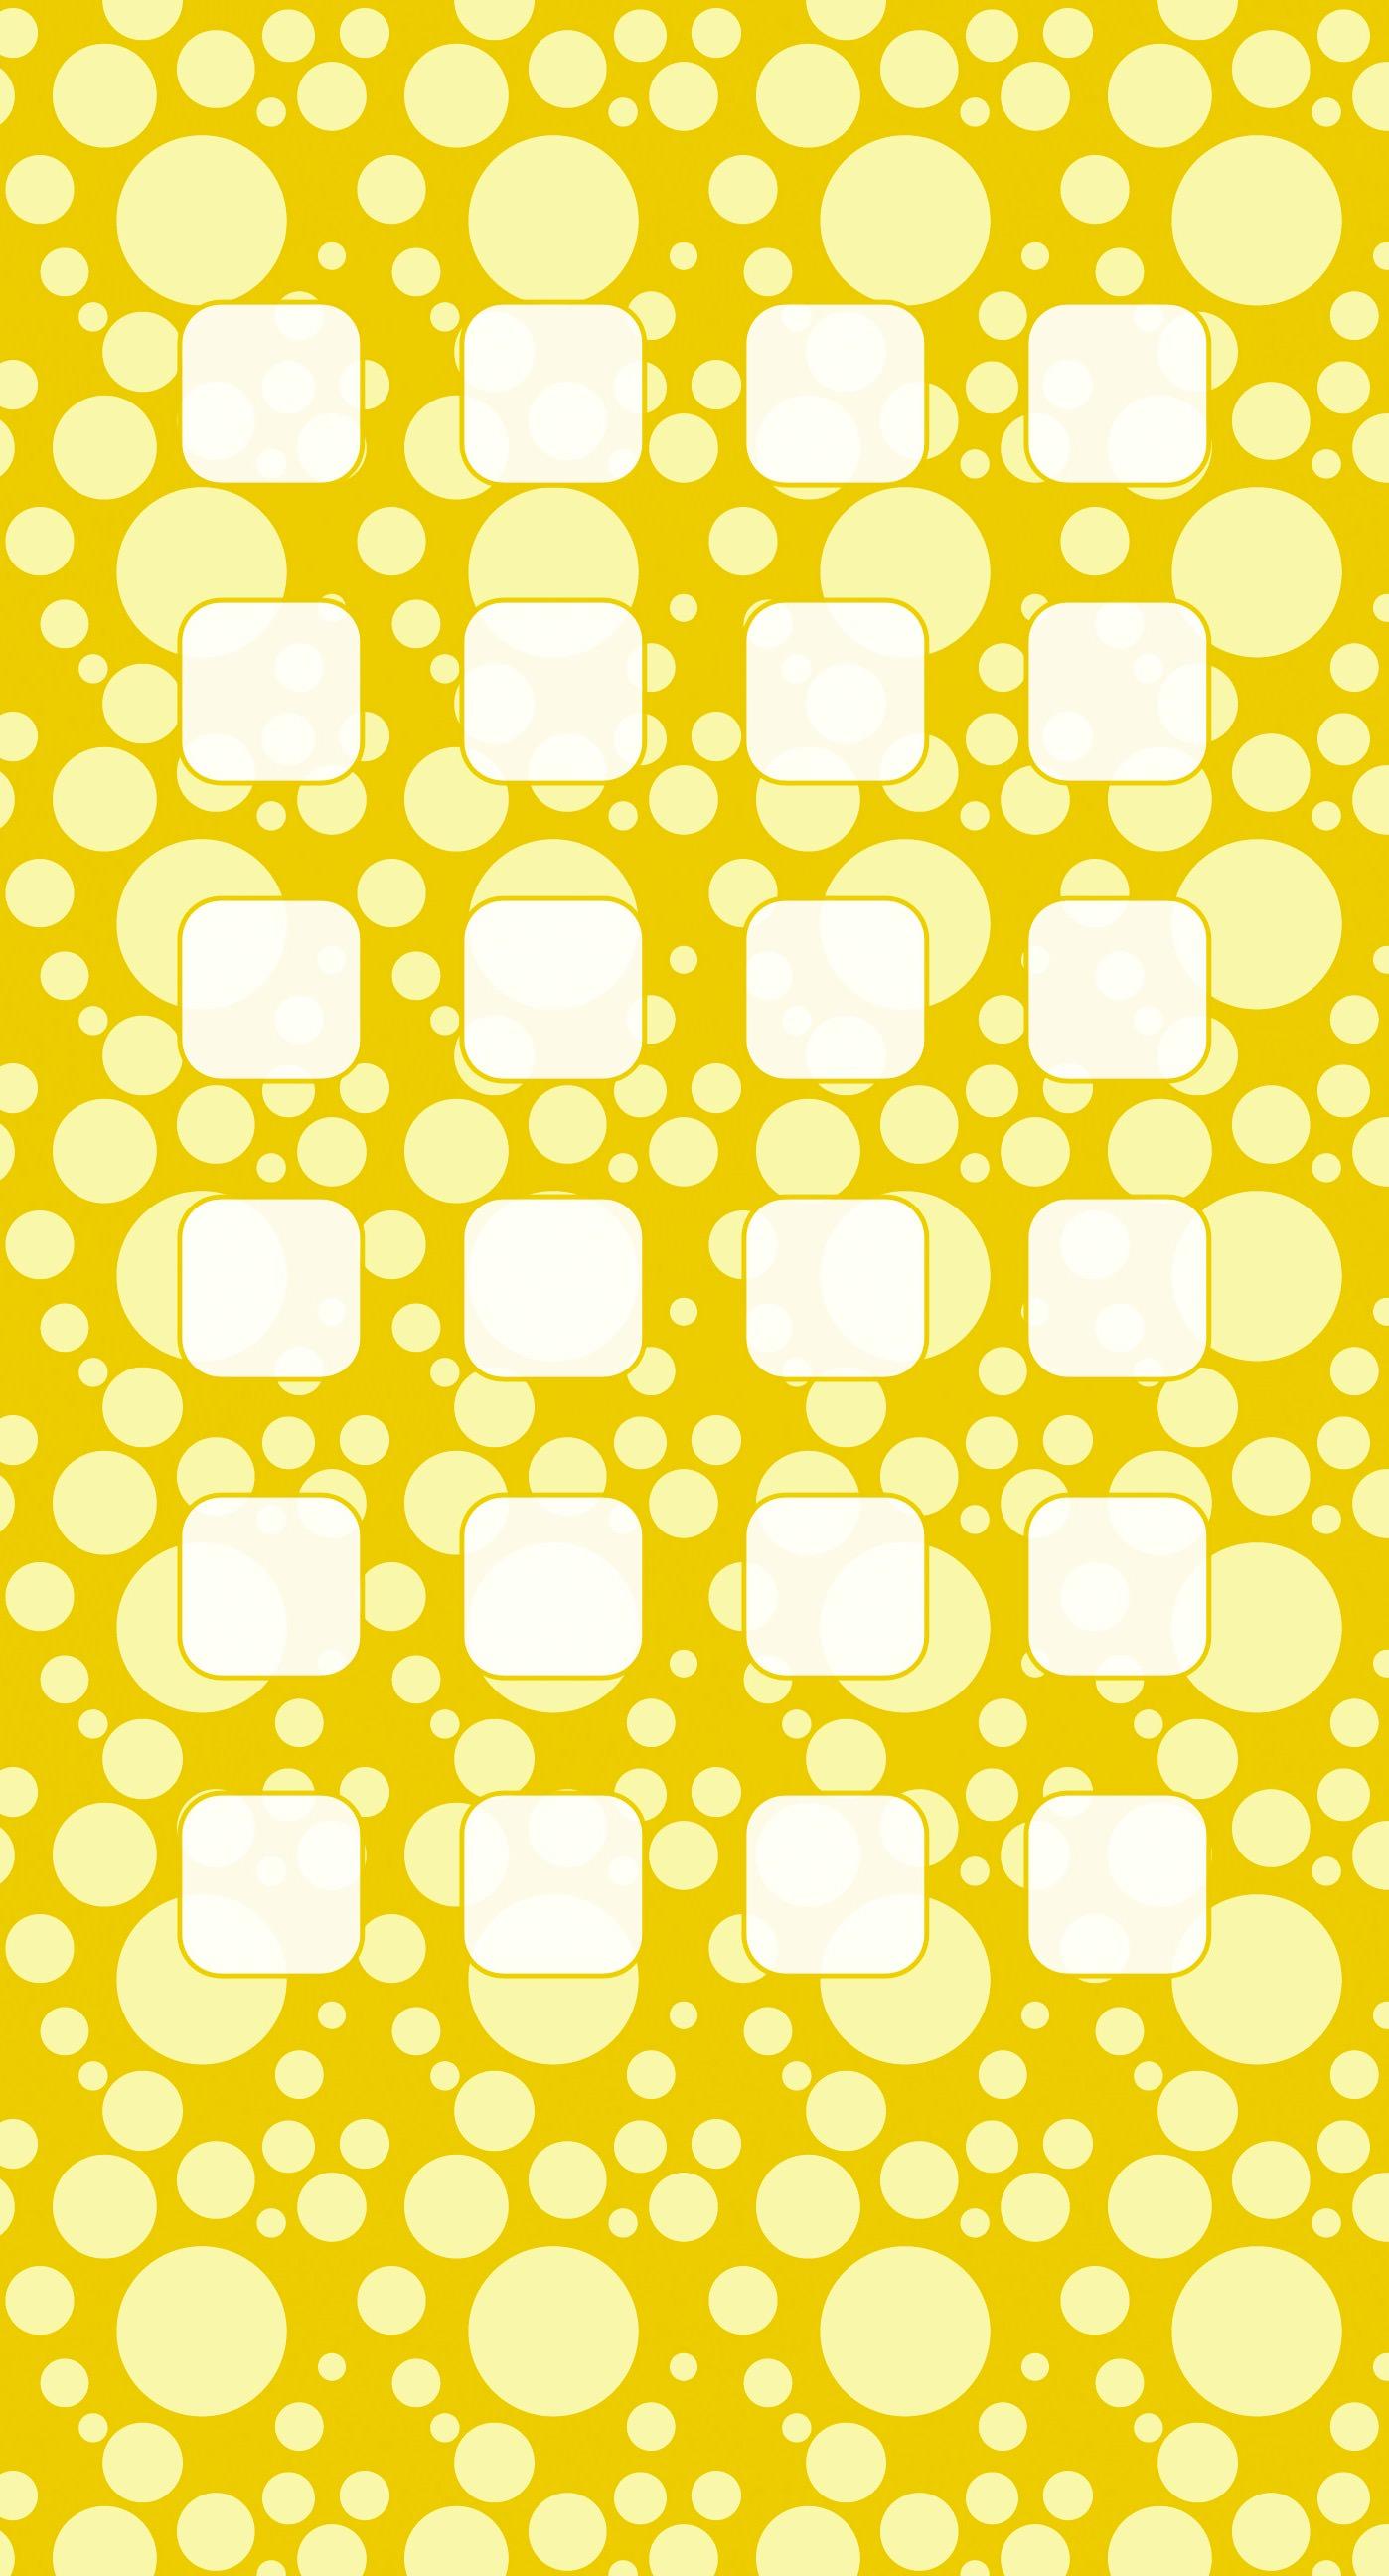 iPhone 6s Plus / iPhone 6 Plus 壁紙